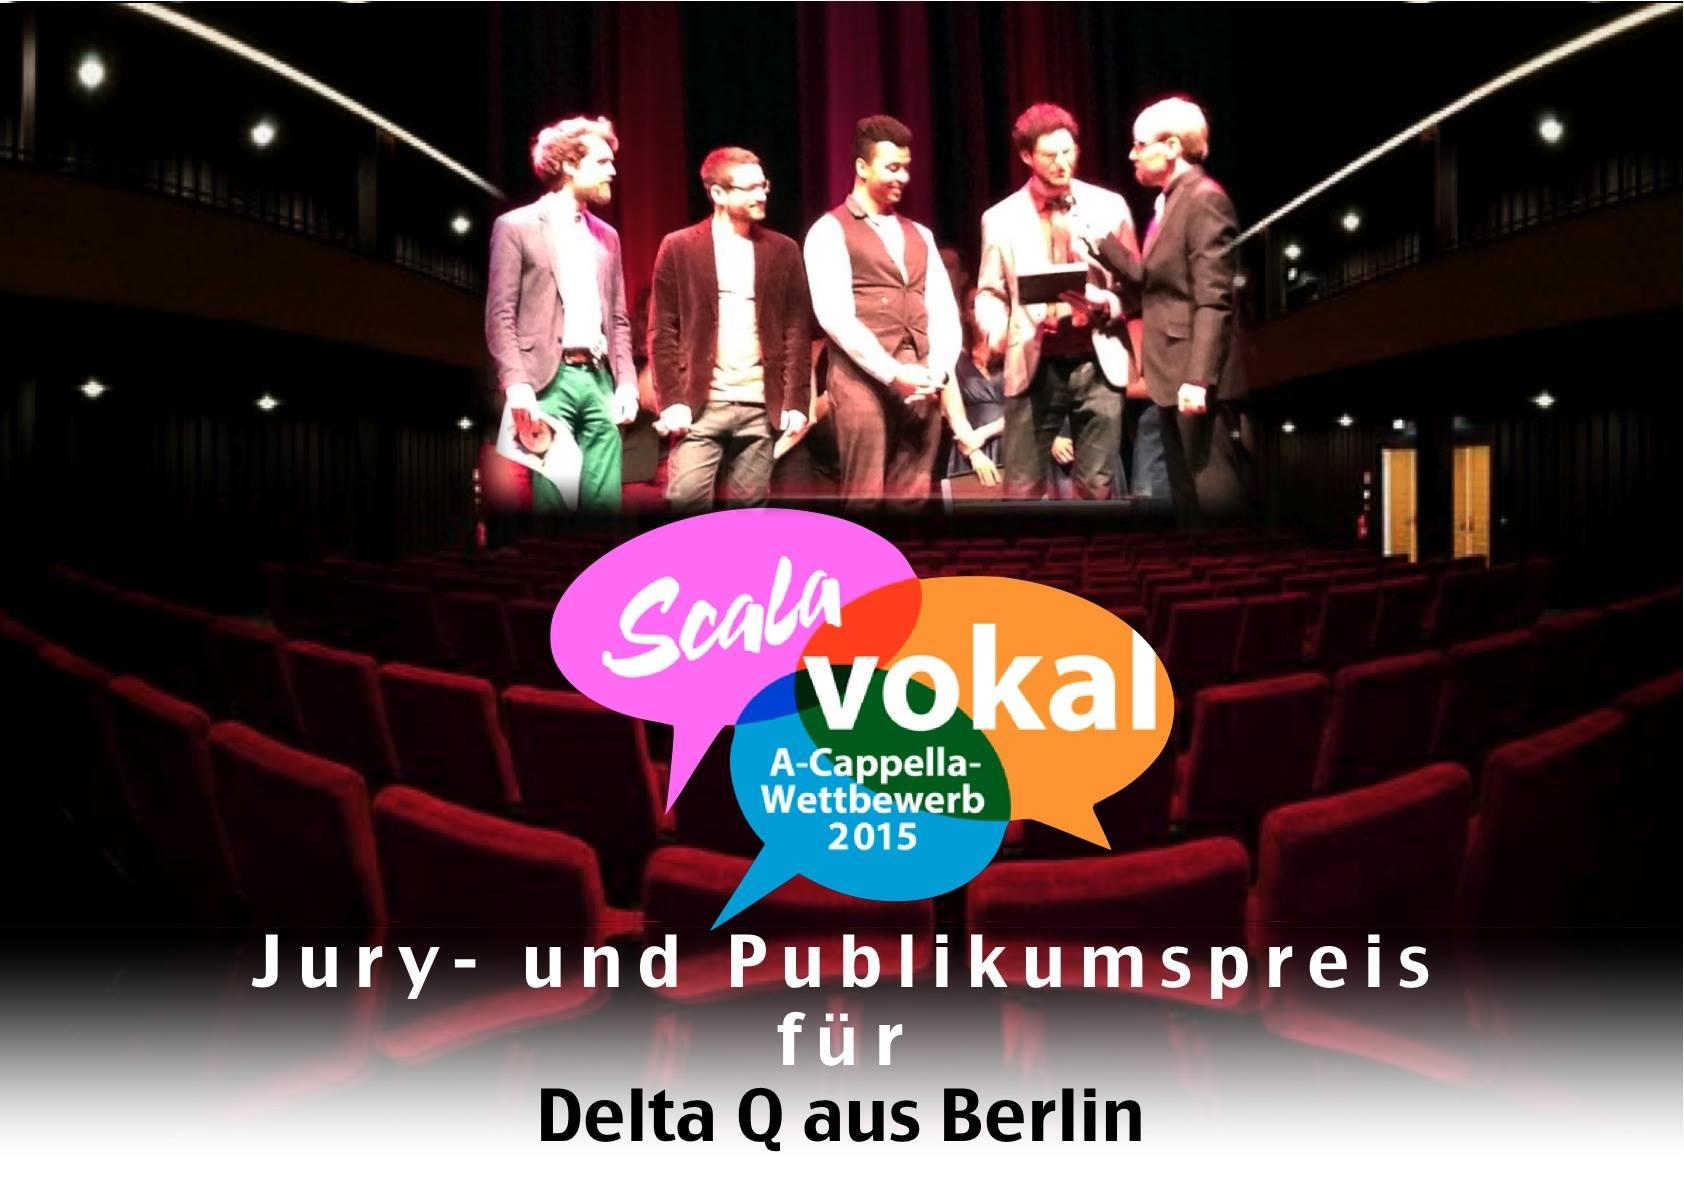 Delta Q aus Berlin gewinnen ersten Wettbewerb bei Scala Vokal